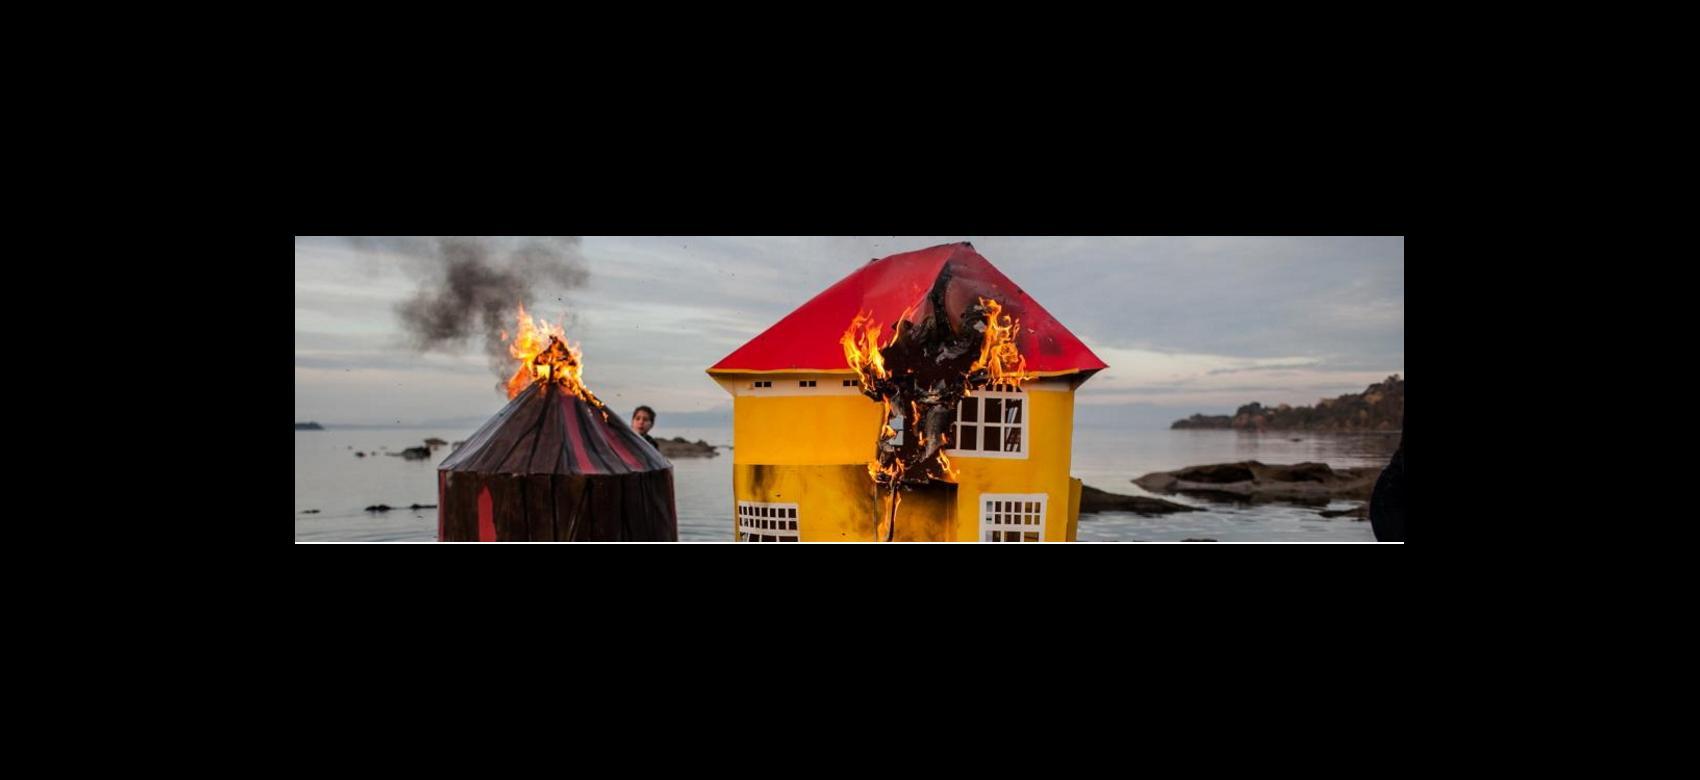 Casa con techo rojo prendiéndose fuego al fondo el mar